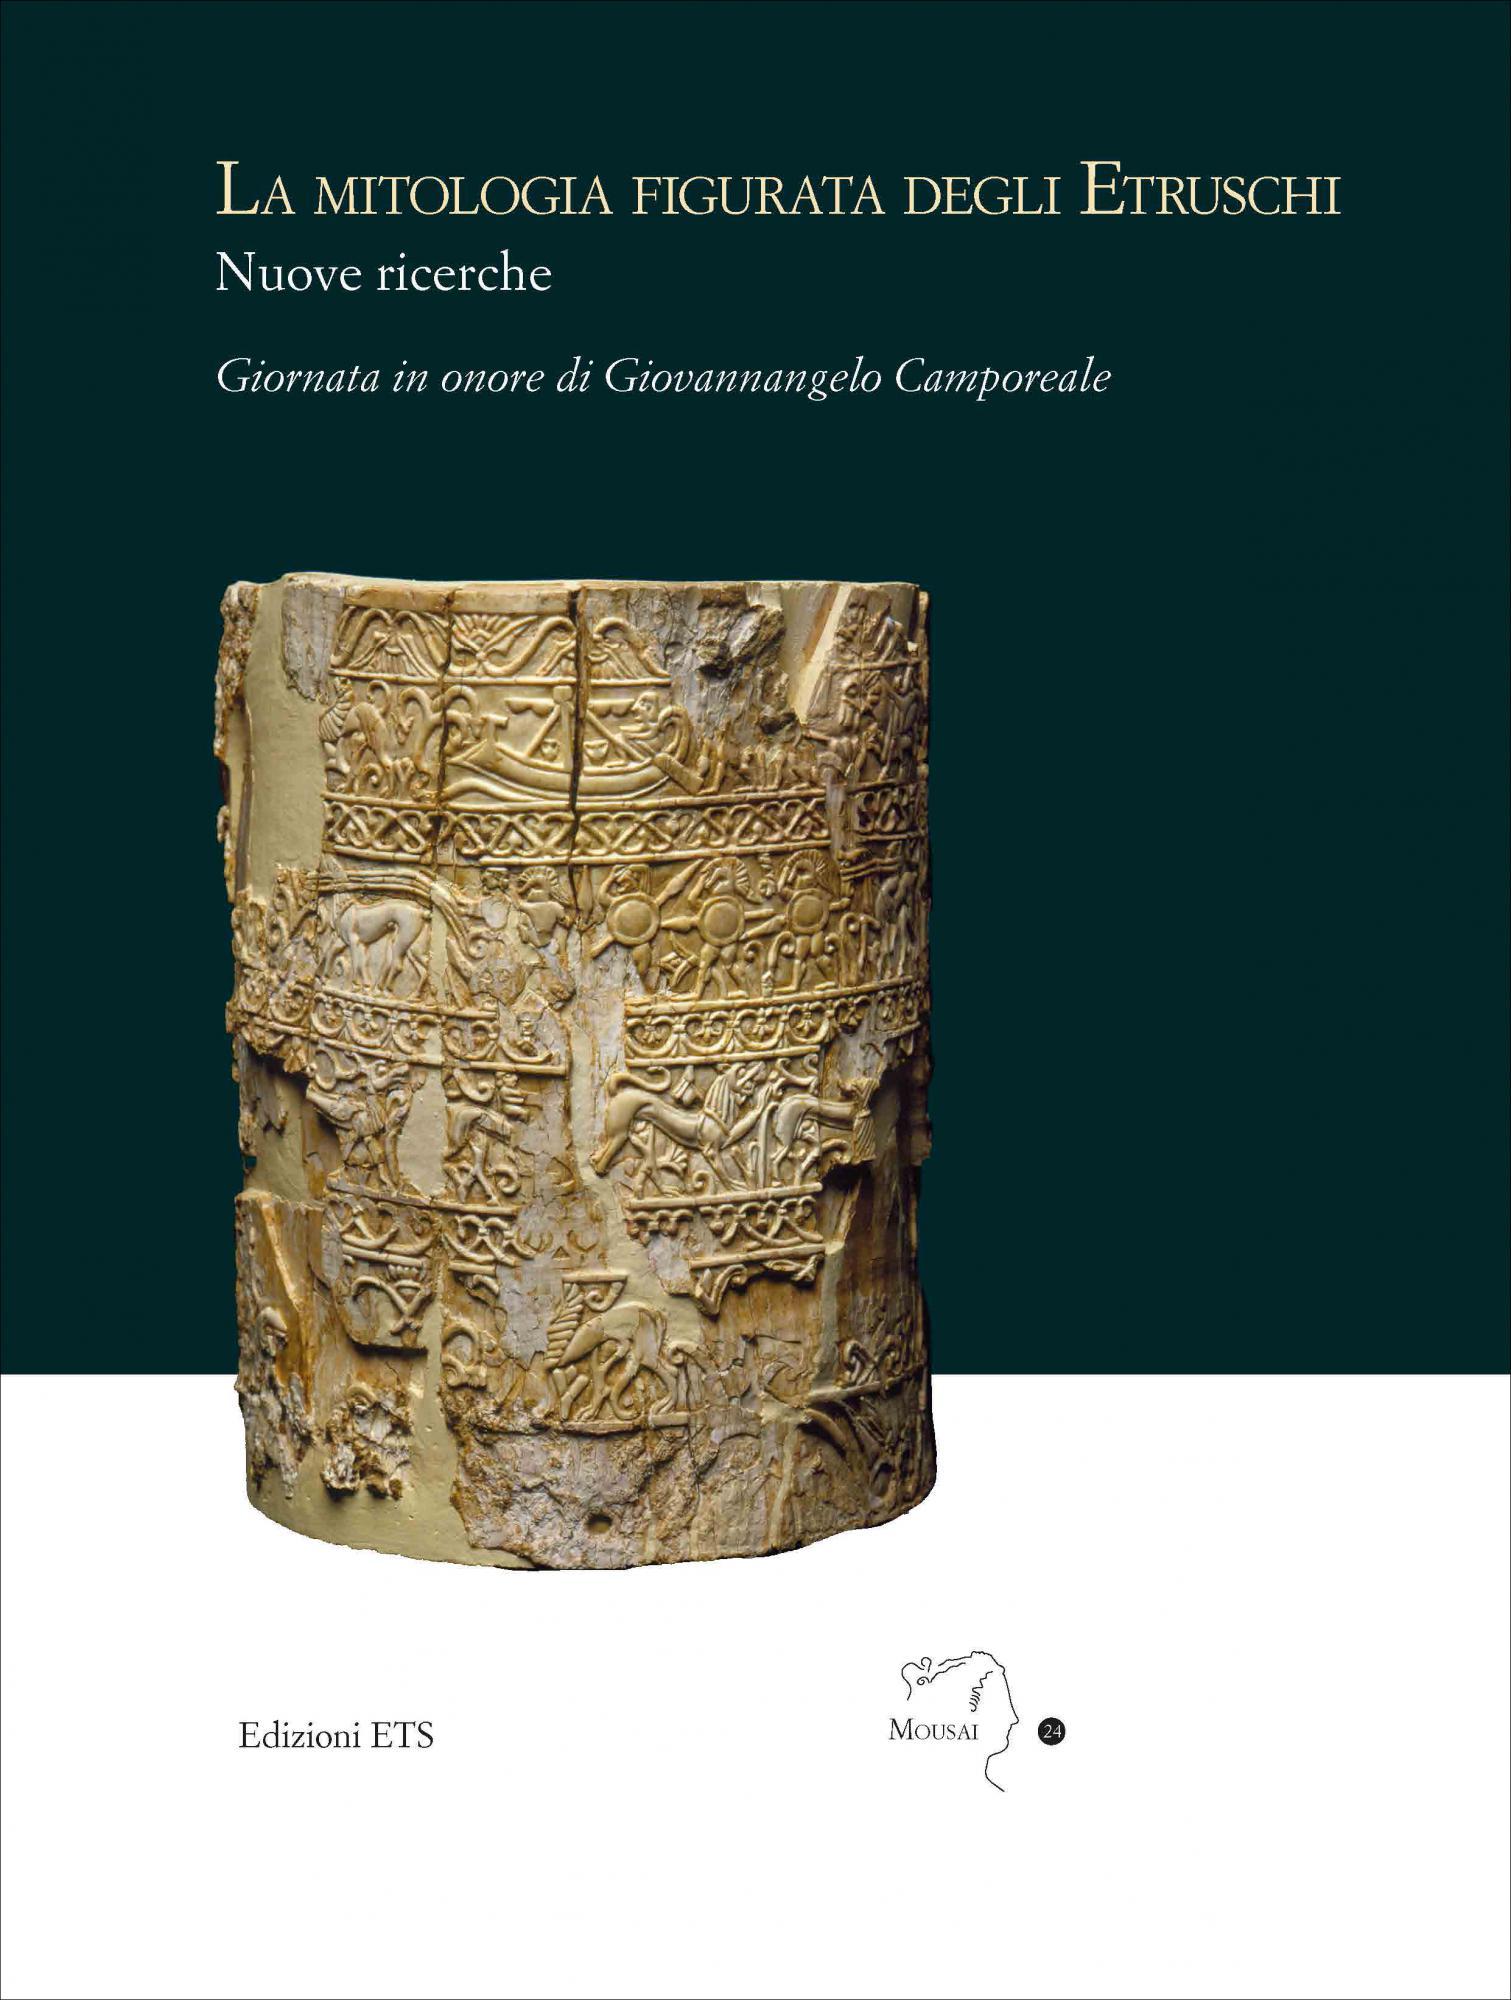 La mitologia figurata degli Etruschi. Nuove ricerche.Giornata in onore di Giovannangelo Camporeale Massa Marittima, 21 settembre 2019